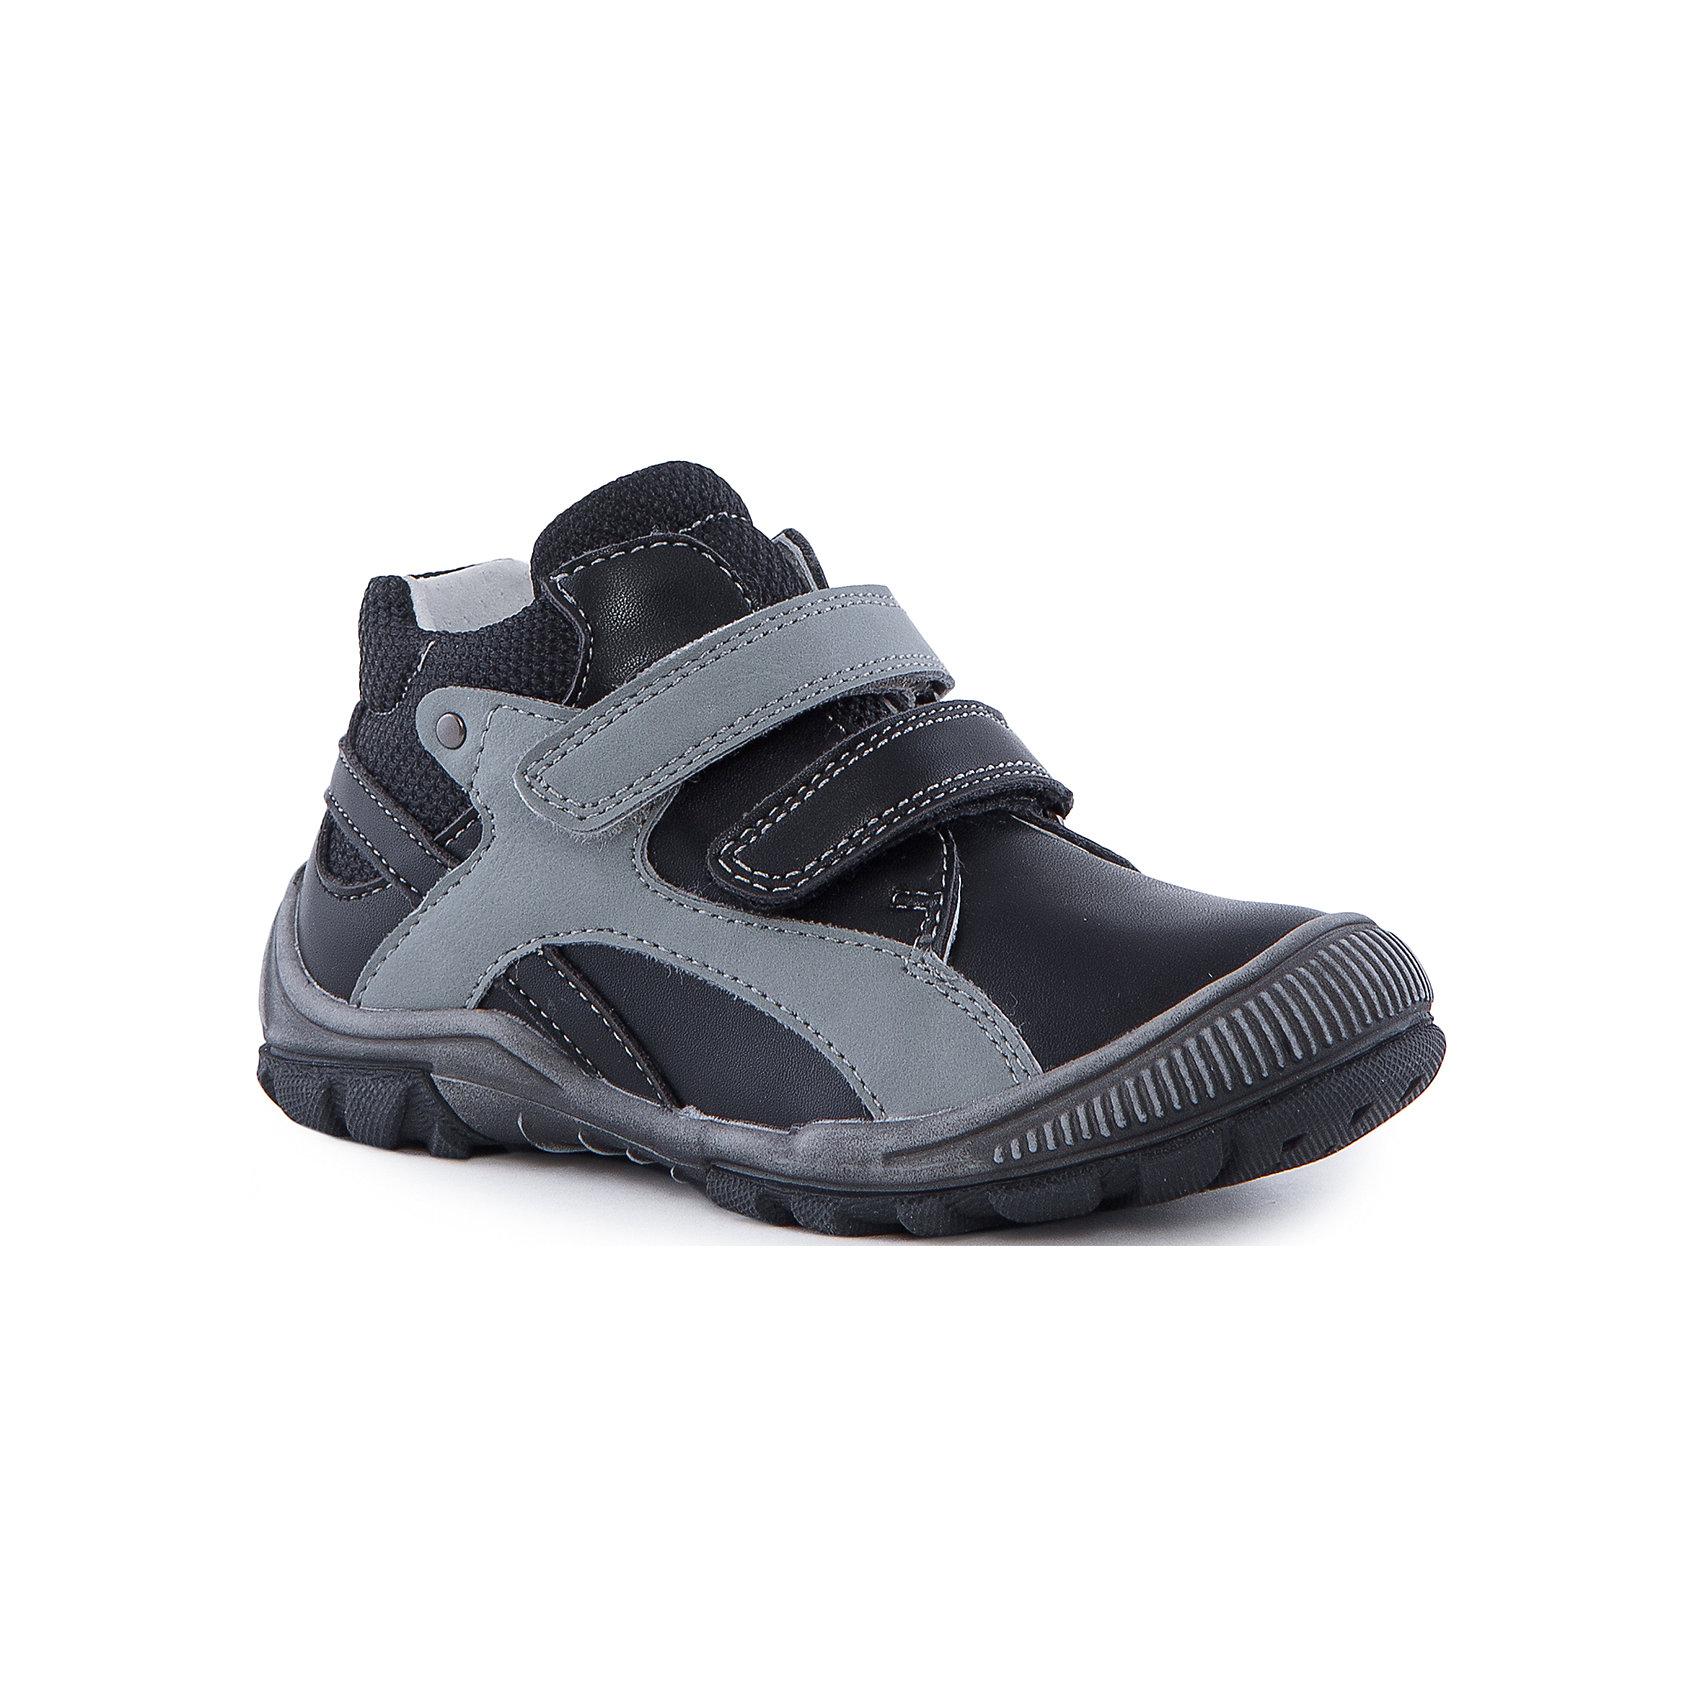 Ботинки для мальчика PlayTodayОбувь для малышей<br>Ботинки для мальчика от известного бренда PlayToday.<br>Стильные полуботинки для мальчика. Внутри мягкая полуортопедическая стелька и подкладка с содержанием 80% шерсти. Высокая гибкая подошва с рифлением не скользит. Наполненная носочная часть способствует правильному формированию стопы. Удобно застегивается на липучки.<br>Состав:<br>100% Искусственная кожа<br><br>Ширина мм: 262<br>Глубина мм: 176<br>Высота мм: 97<br>Вес г: 427<br>Цвет: белый<br>Возраст от месяцев: 9<br>Возраст до месяцев: 12<br>Пол: Мужской<br>Возраст: Детский<br>Размер: 20,25,21,22,23,24<br>SKU: 4901191